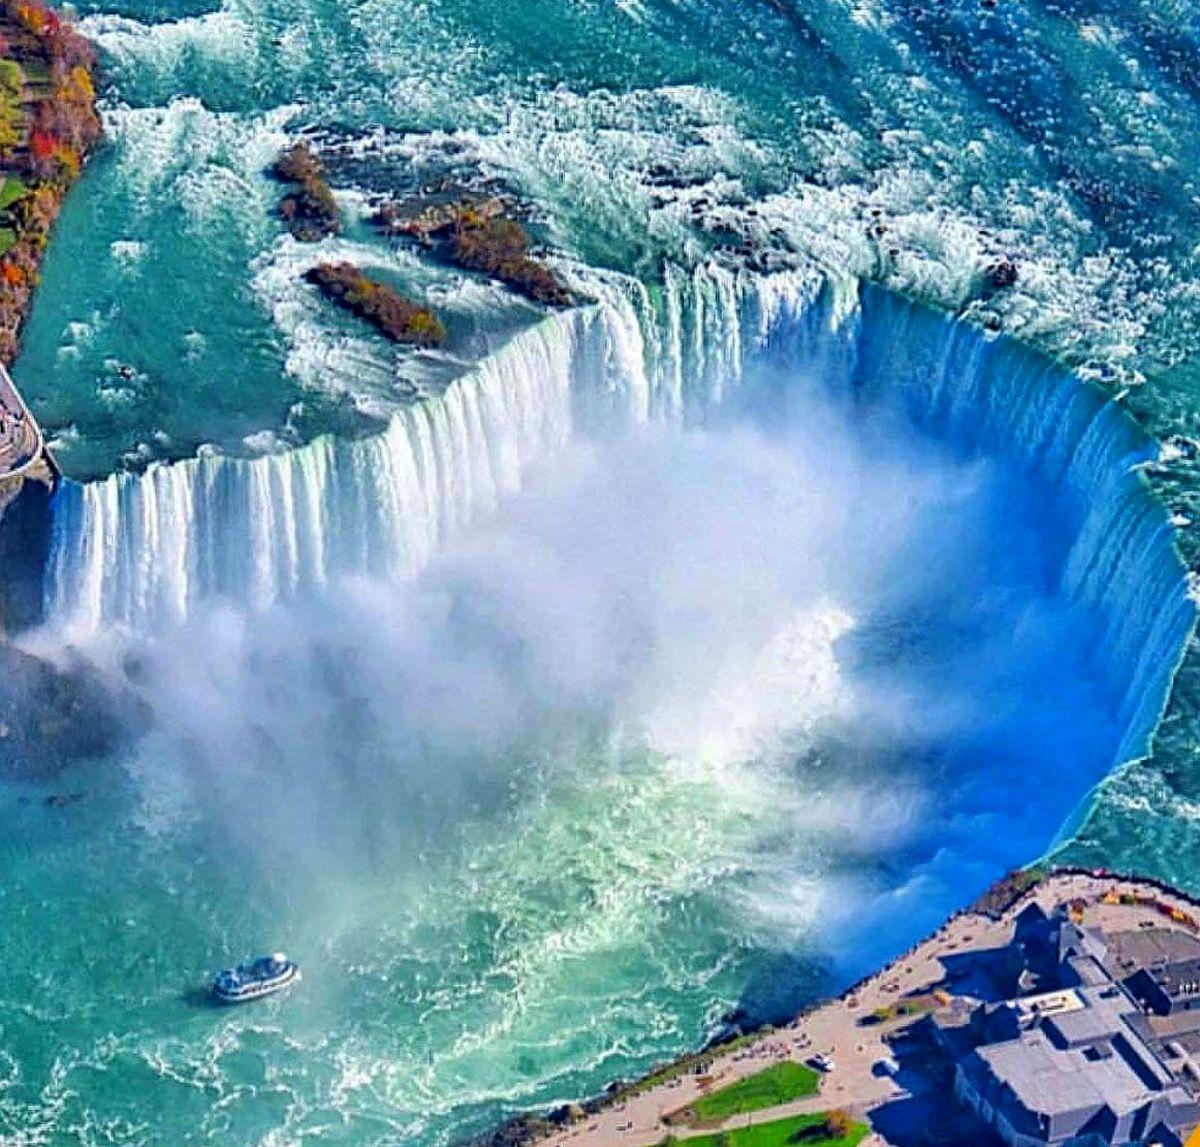 تصویر هوایی از آبشارهای نیاگارا